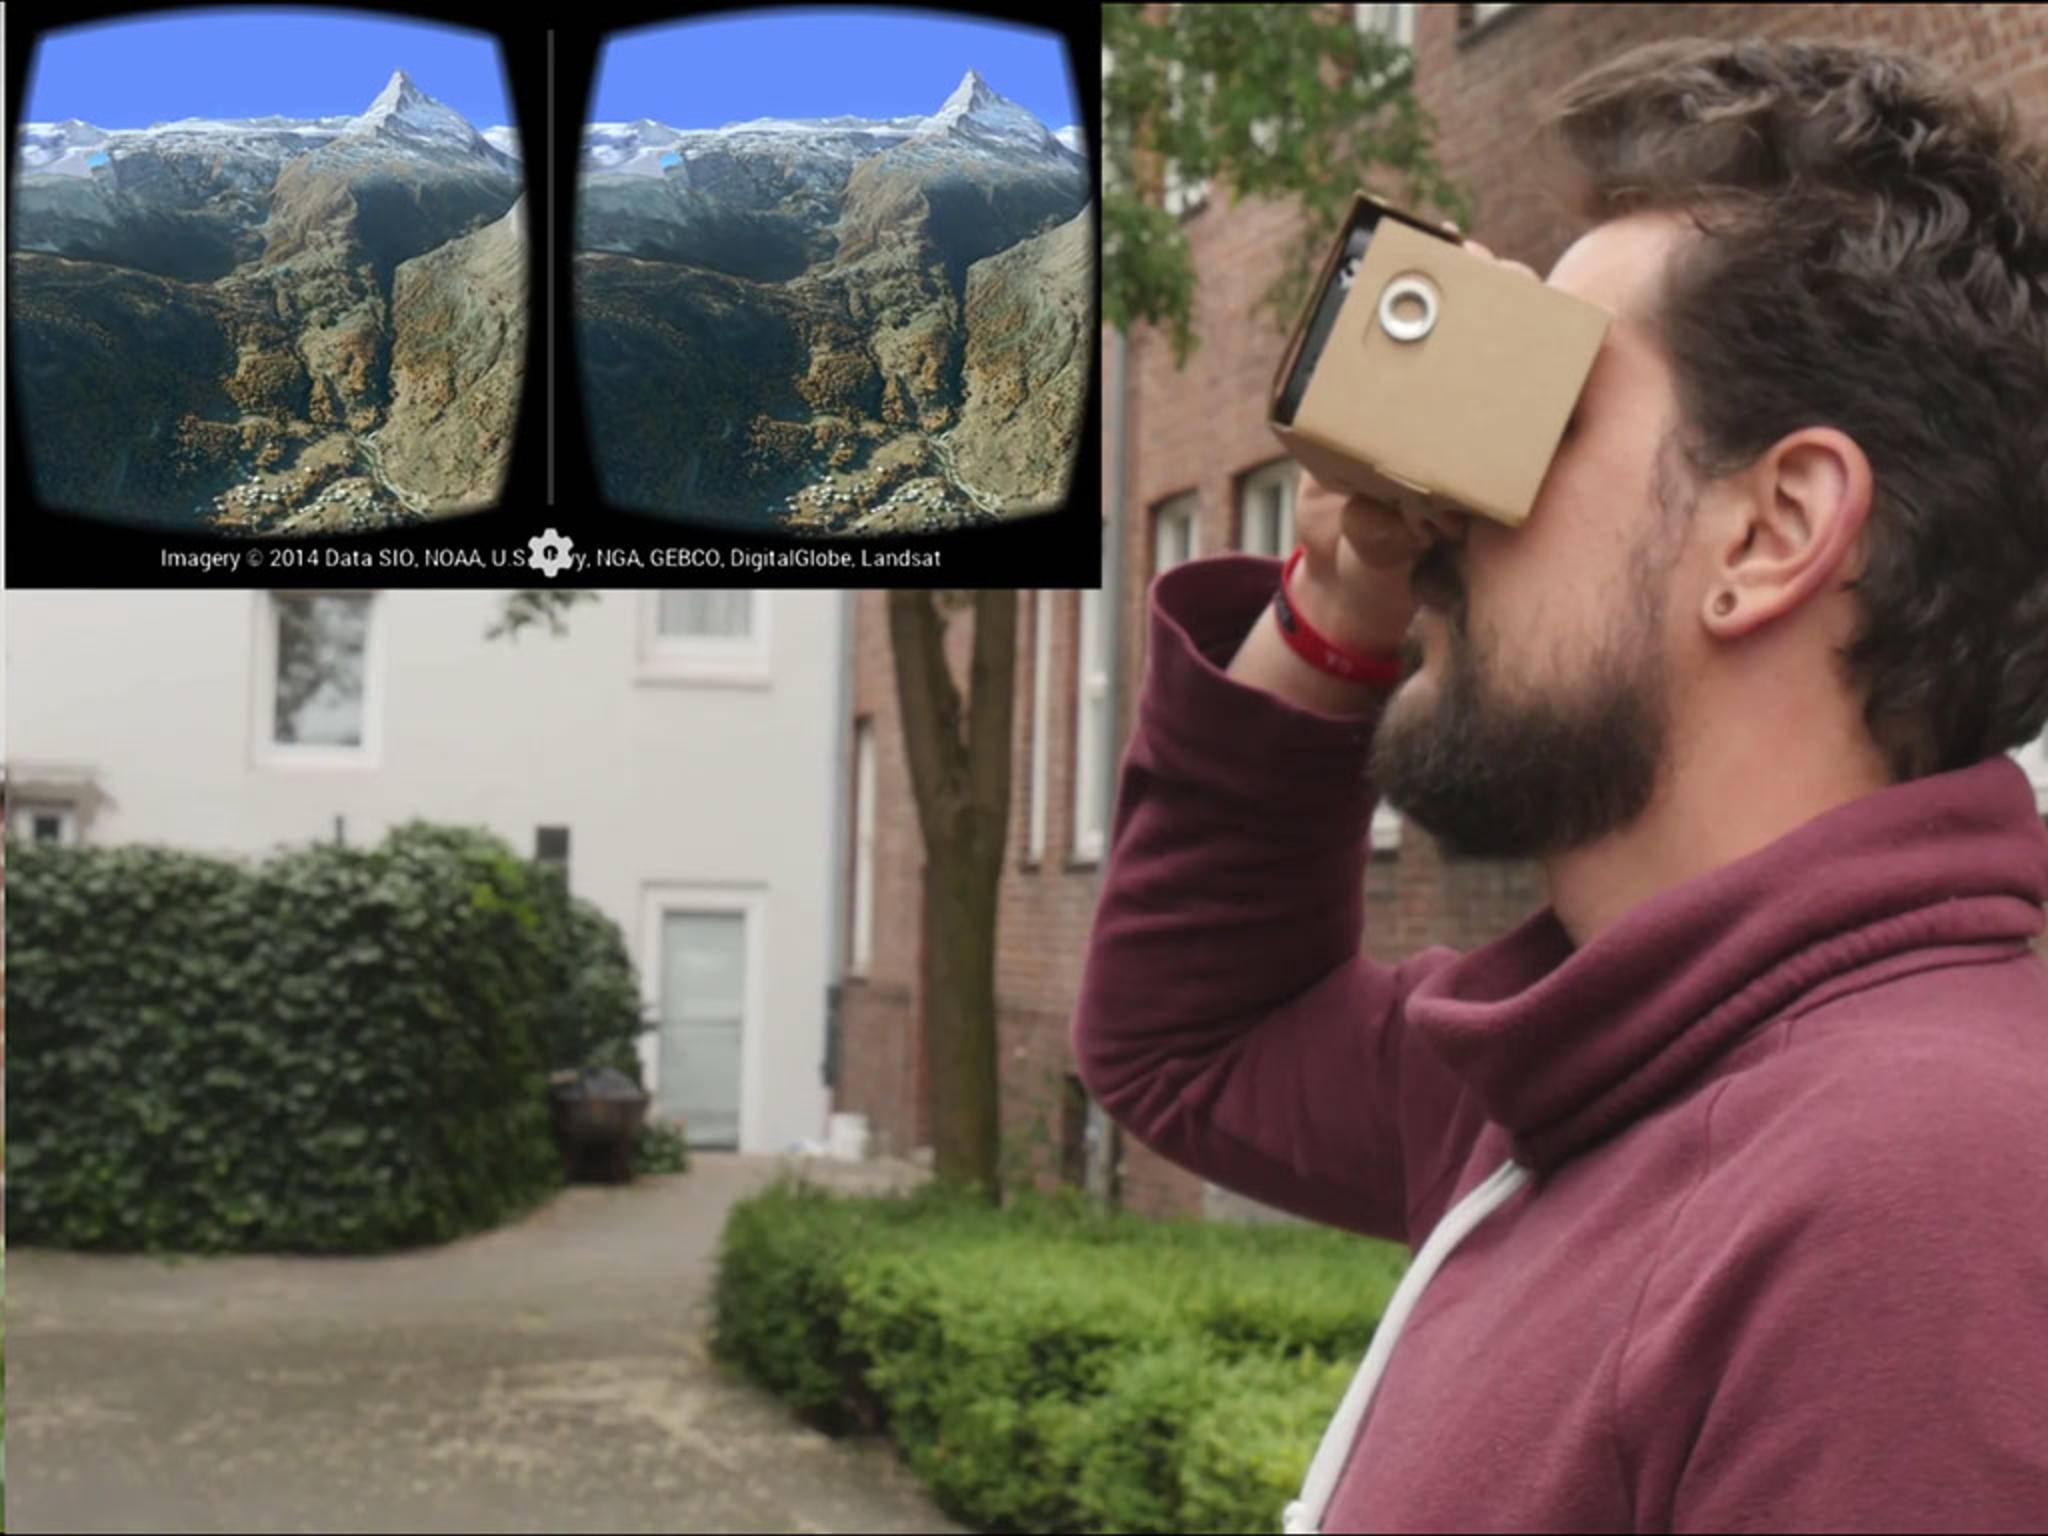 Mit dem alten Smartphone in virtuelle Realitäten eintauchen.